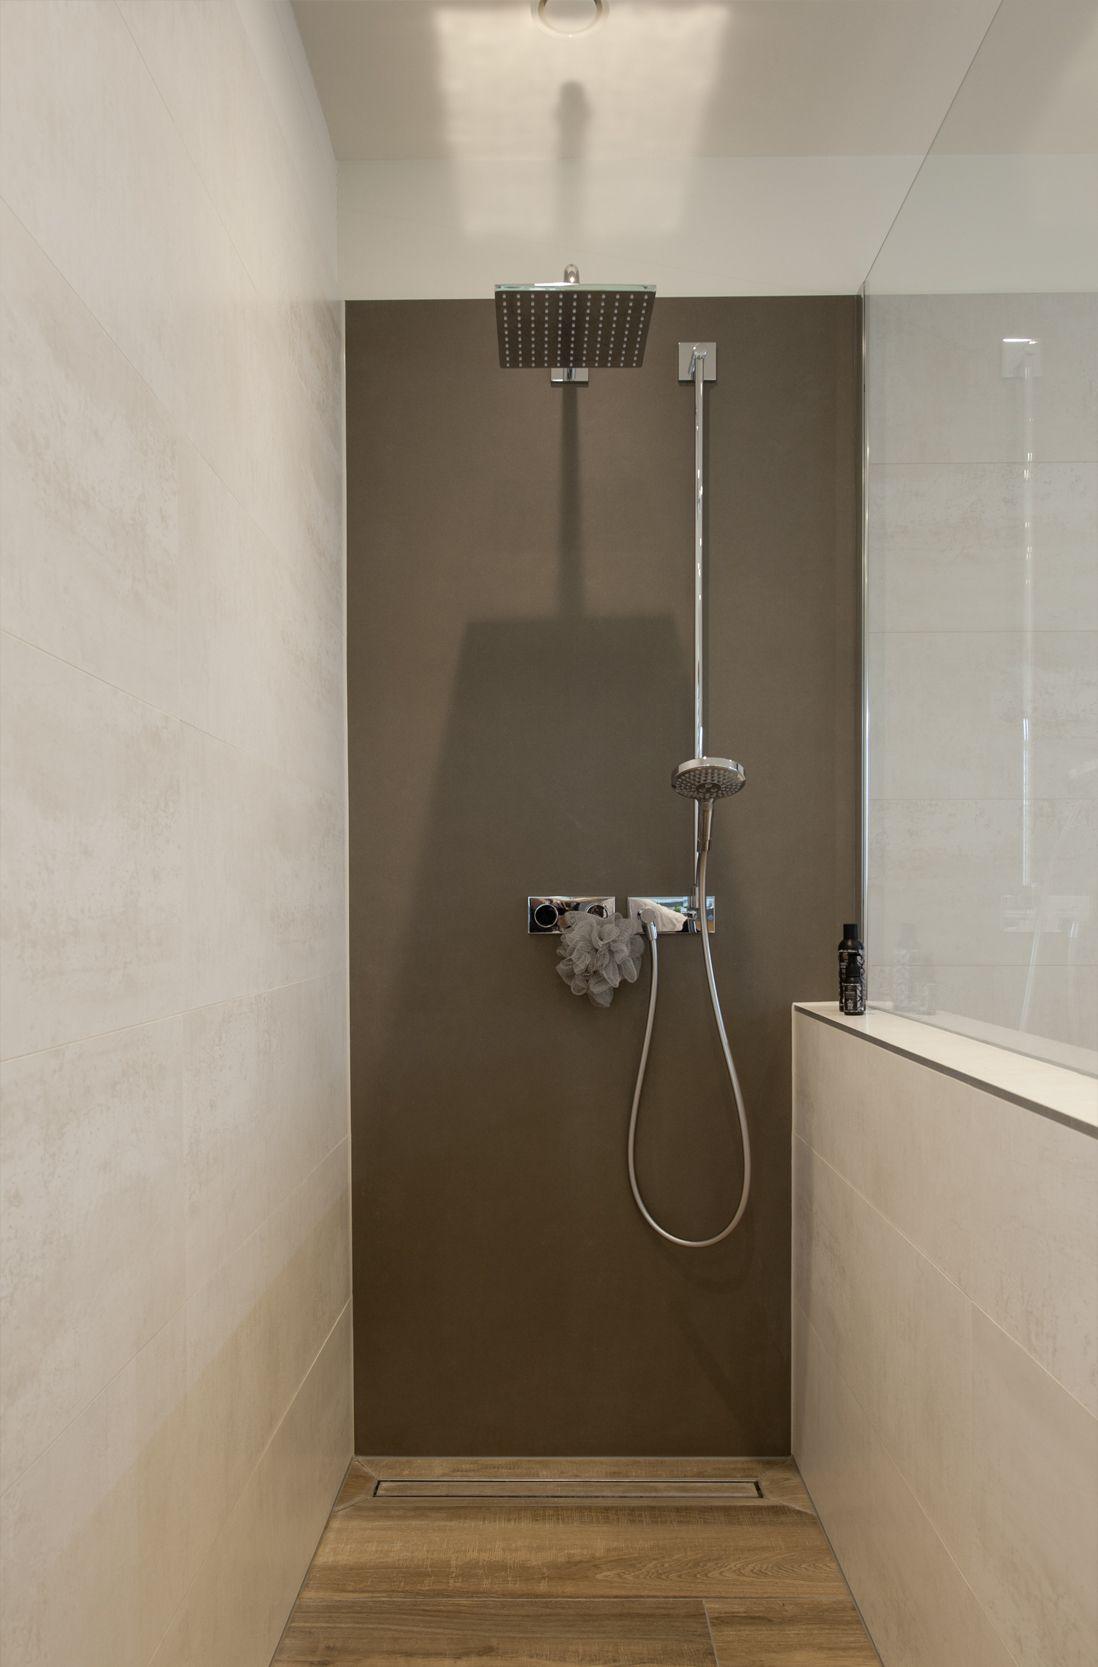 Full Size of Bodengleiche Dusche Hüppe Duschen 90x90 Eckeinstieg Bodenebene Thermostat Begehbare Ebenerdige Kosten Bodengleich Ebenerdig Sprinz Nachträglich Einbauen Dusche Ebenerdige Dusche